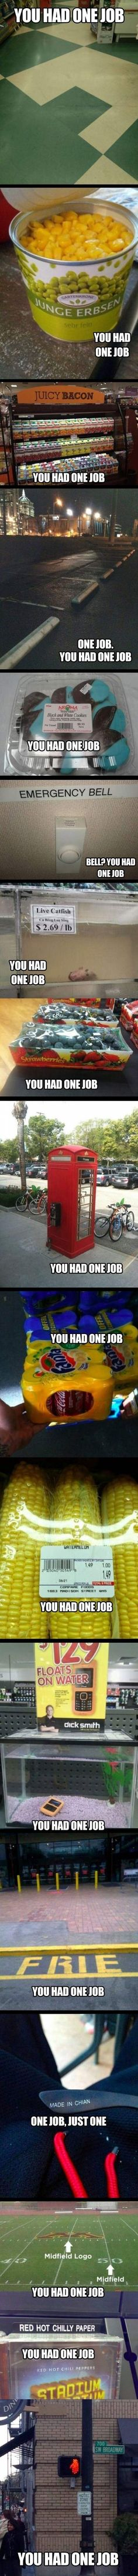 Hahhaahahaha! :D